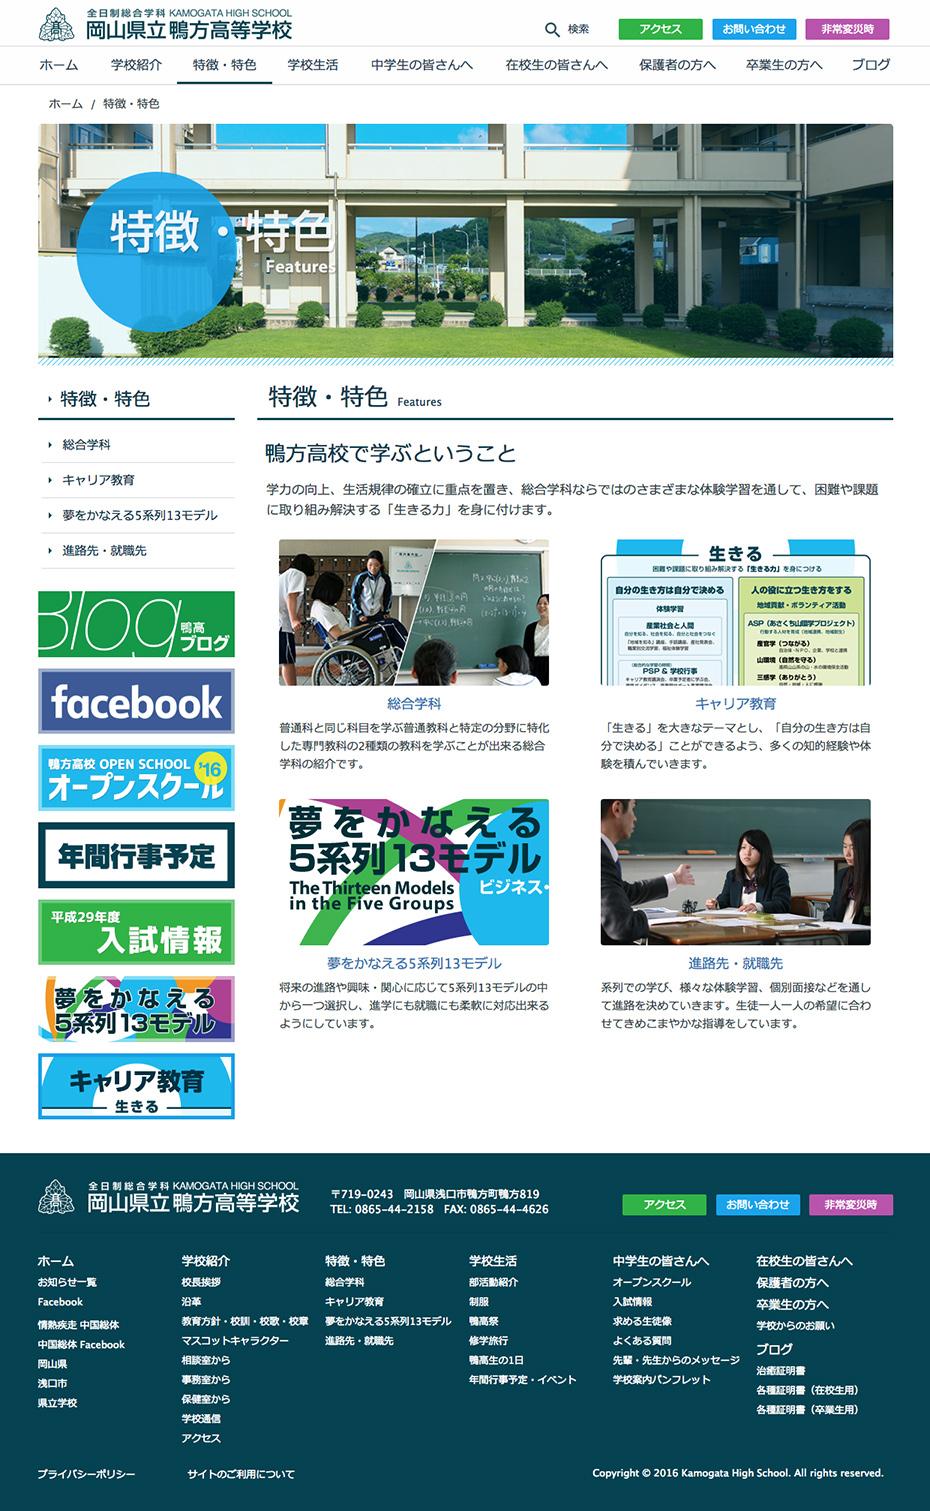 岡山県立鴨方高等学校様 ホームページ 特徴・特色